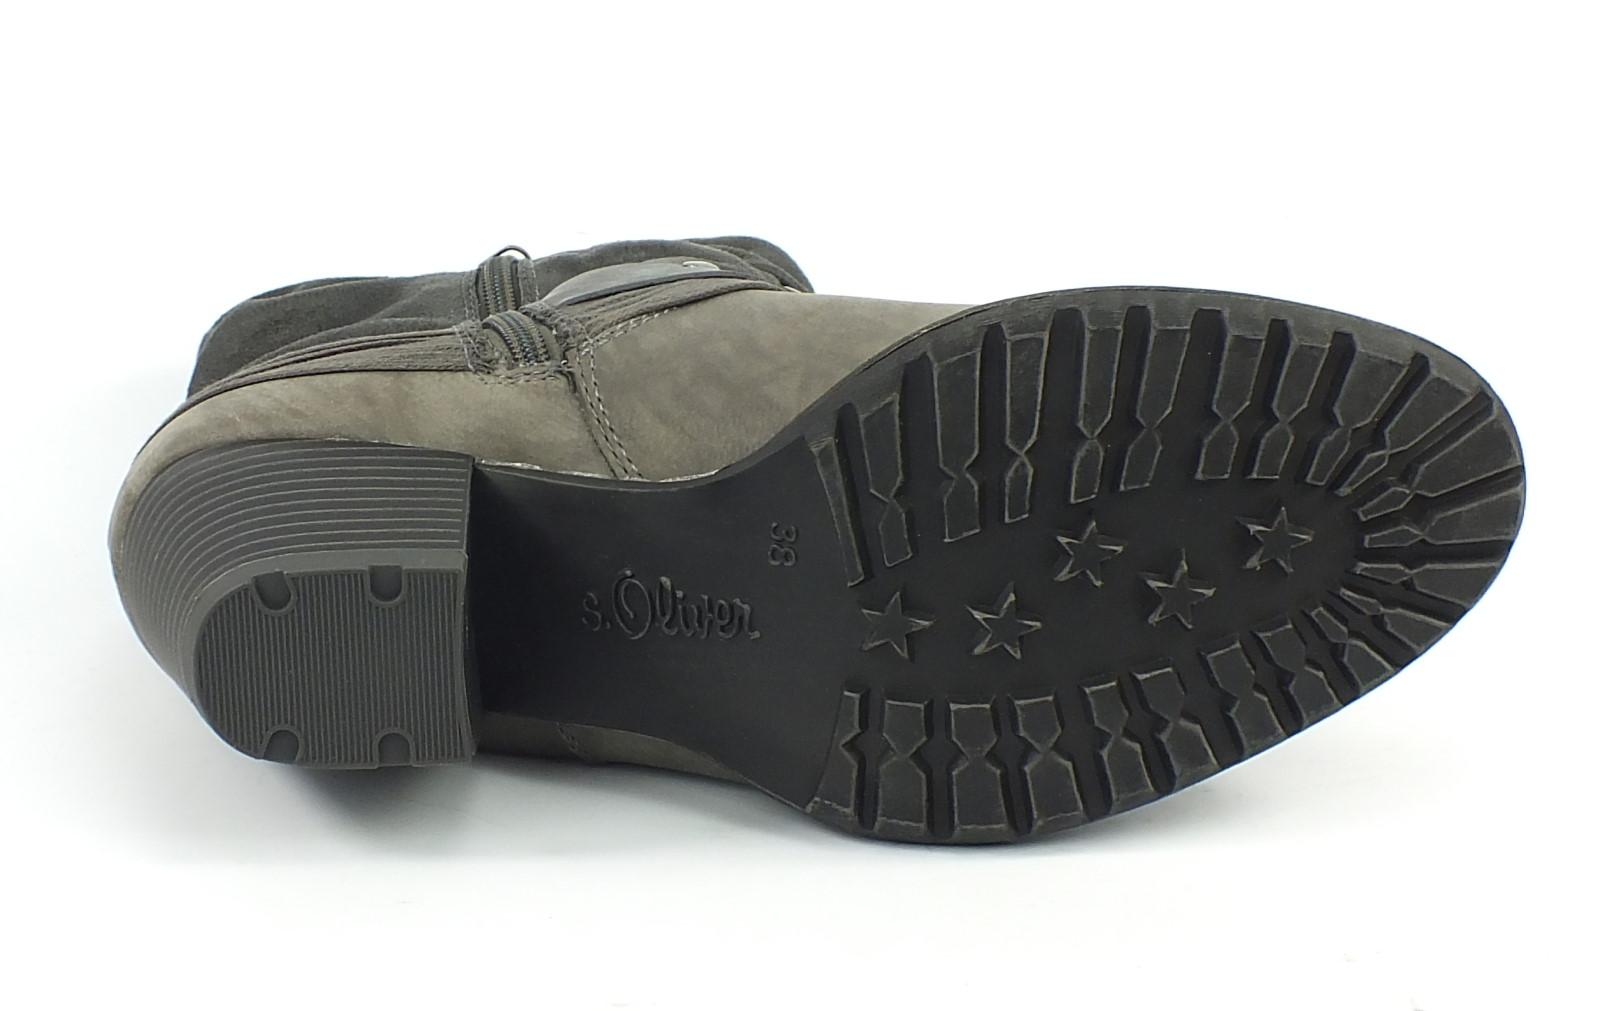 neu s oliver stiefelette boots grau 7056 ebay. Black Bedroom Furniture Sets. Home Design Ideas